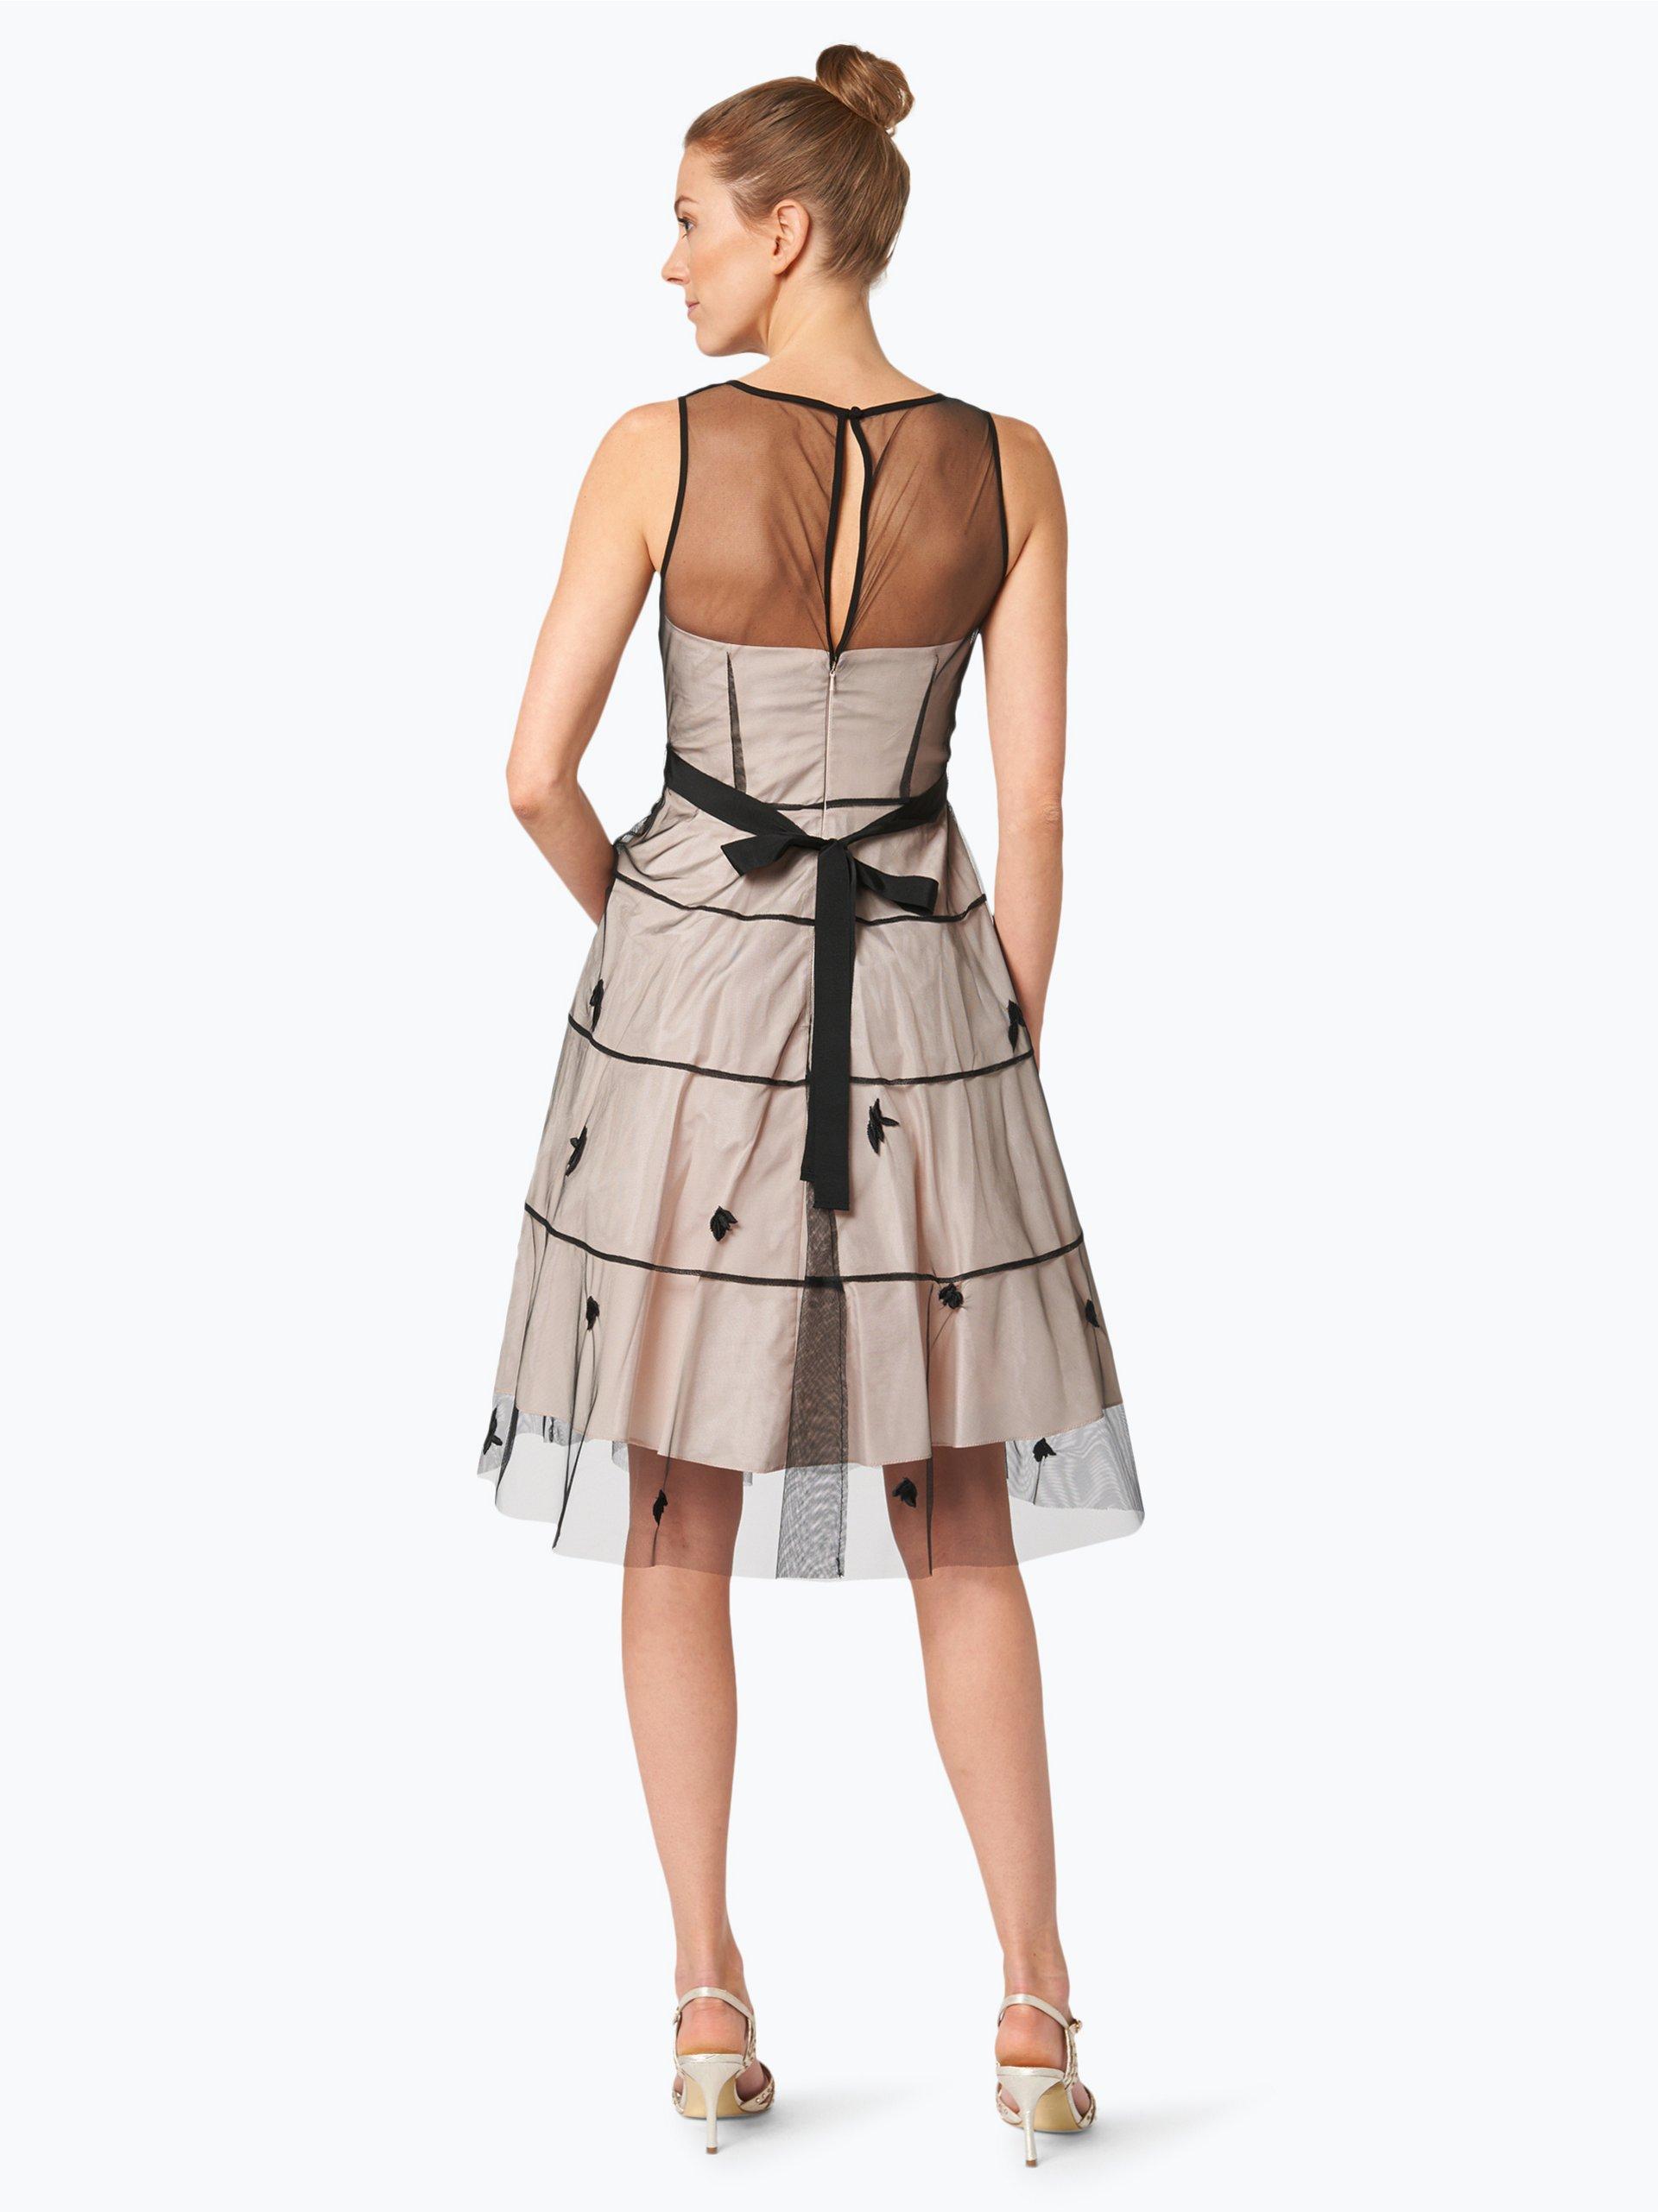 Ziemlich Cocktailkleid Ideen - Brautkleider Ideen - cashingy.info